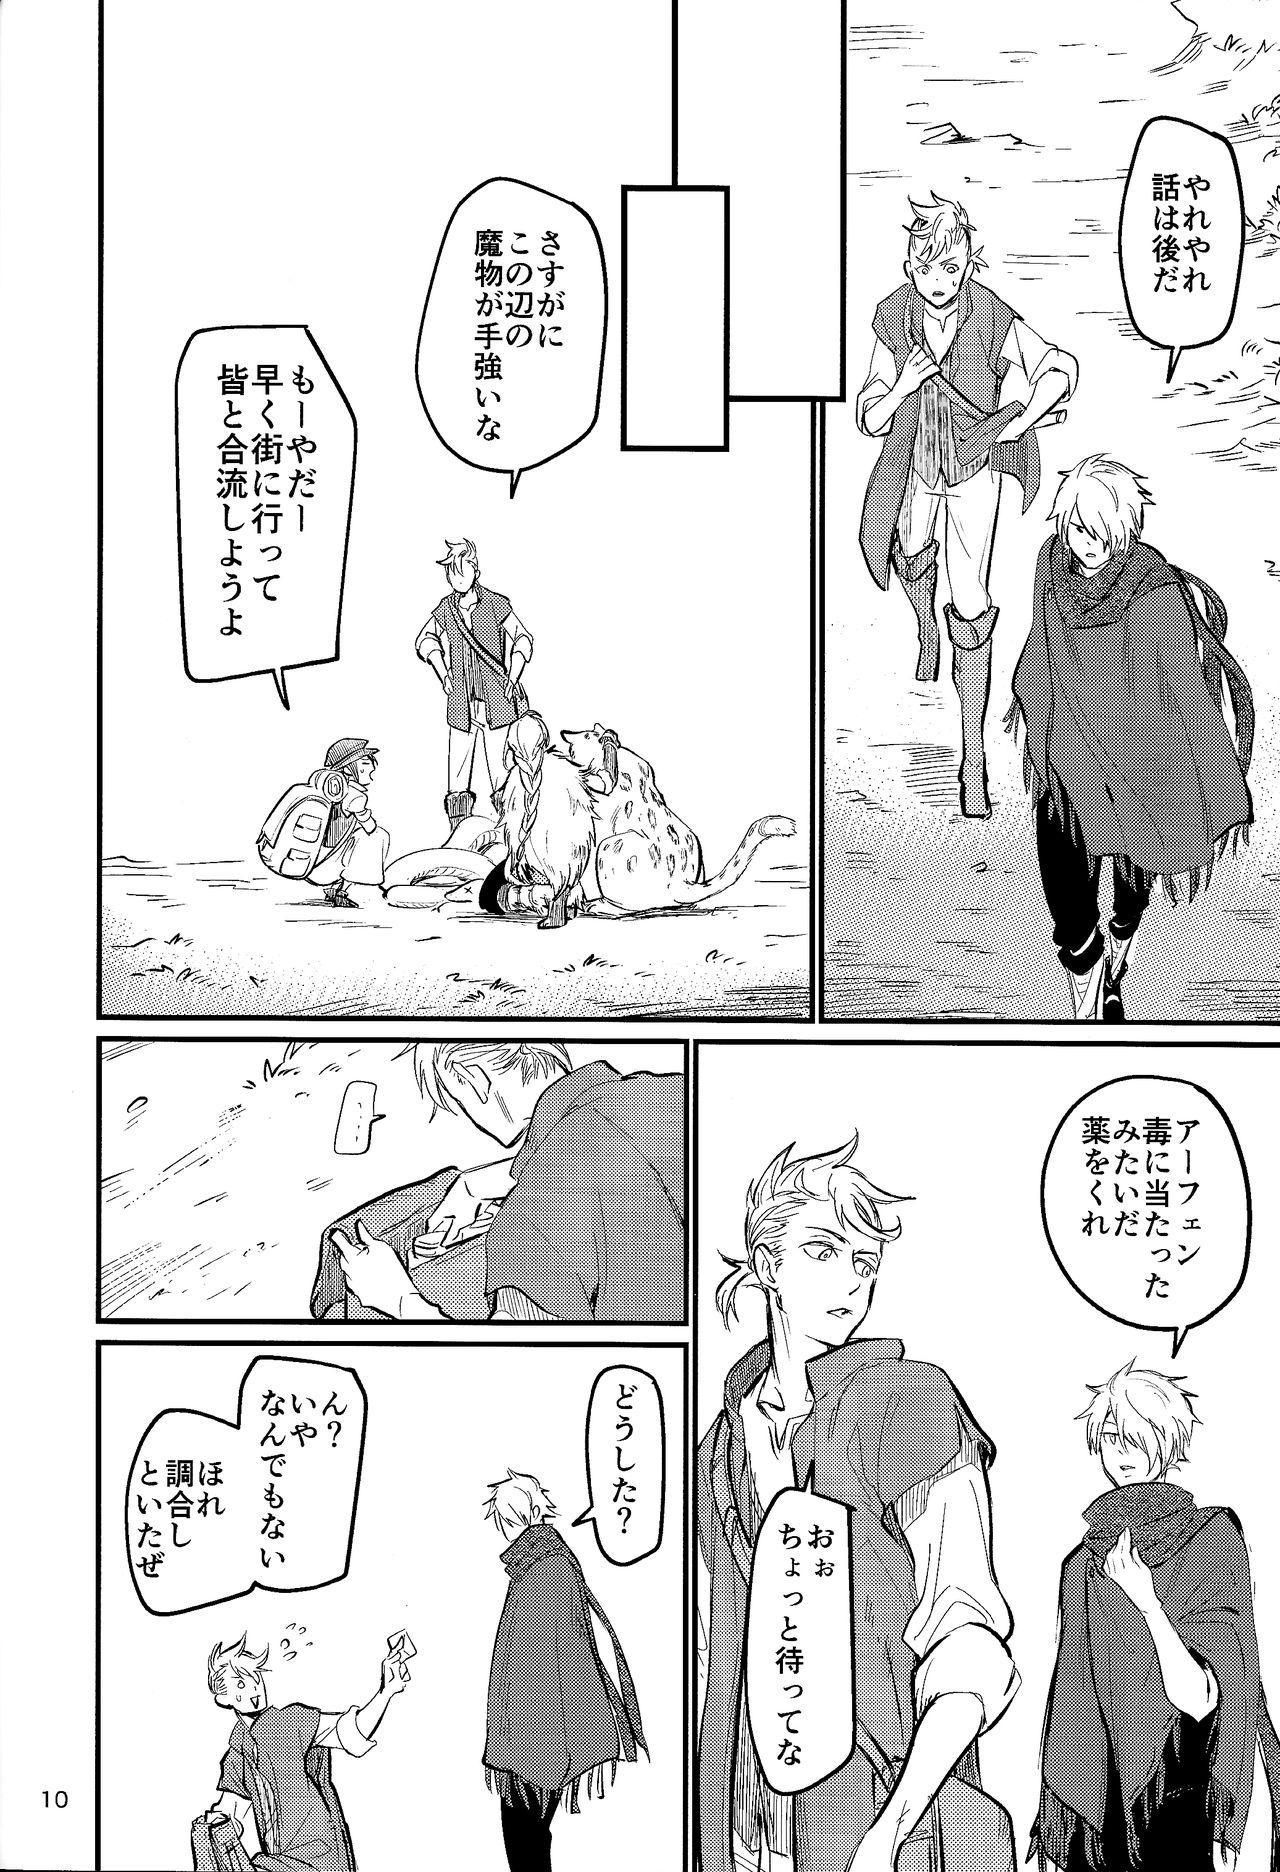 Shoujiki-sha wa ai o miru 7